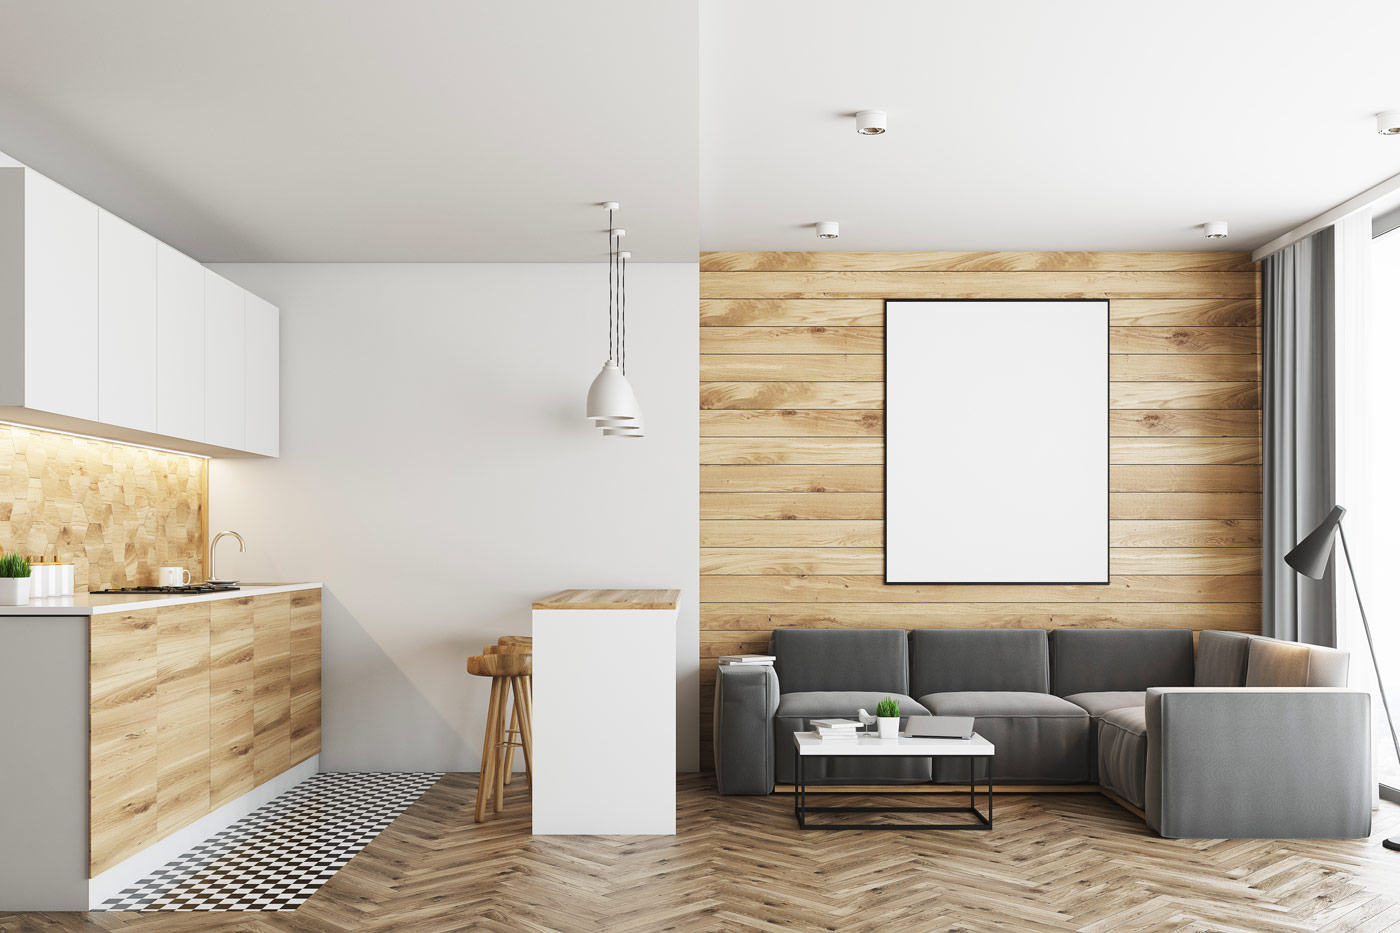 Arredo Completo Per Monolocale idee di arredo per mini appartamenti: vivere meglio in una